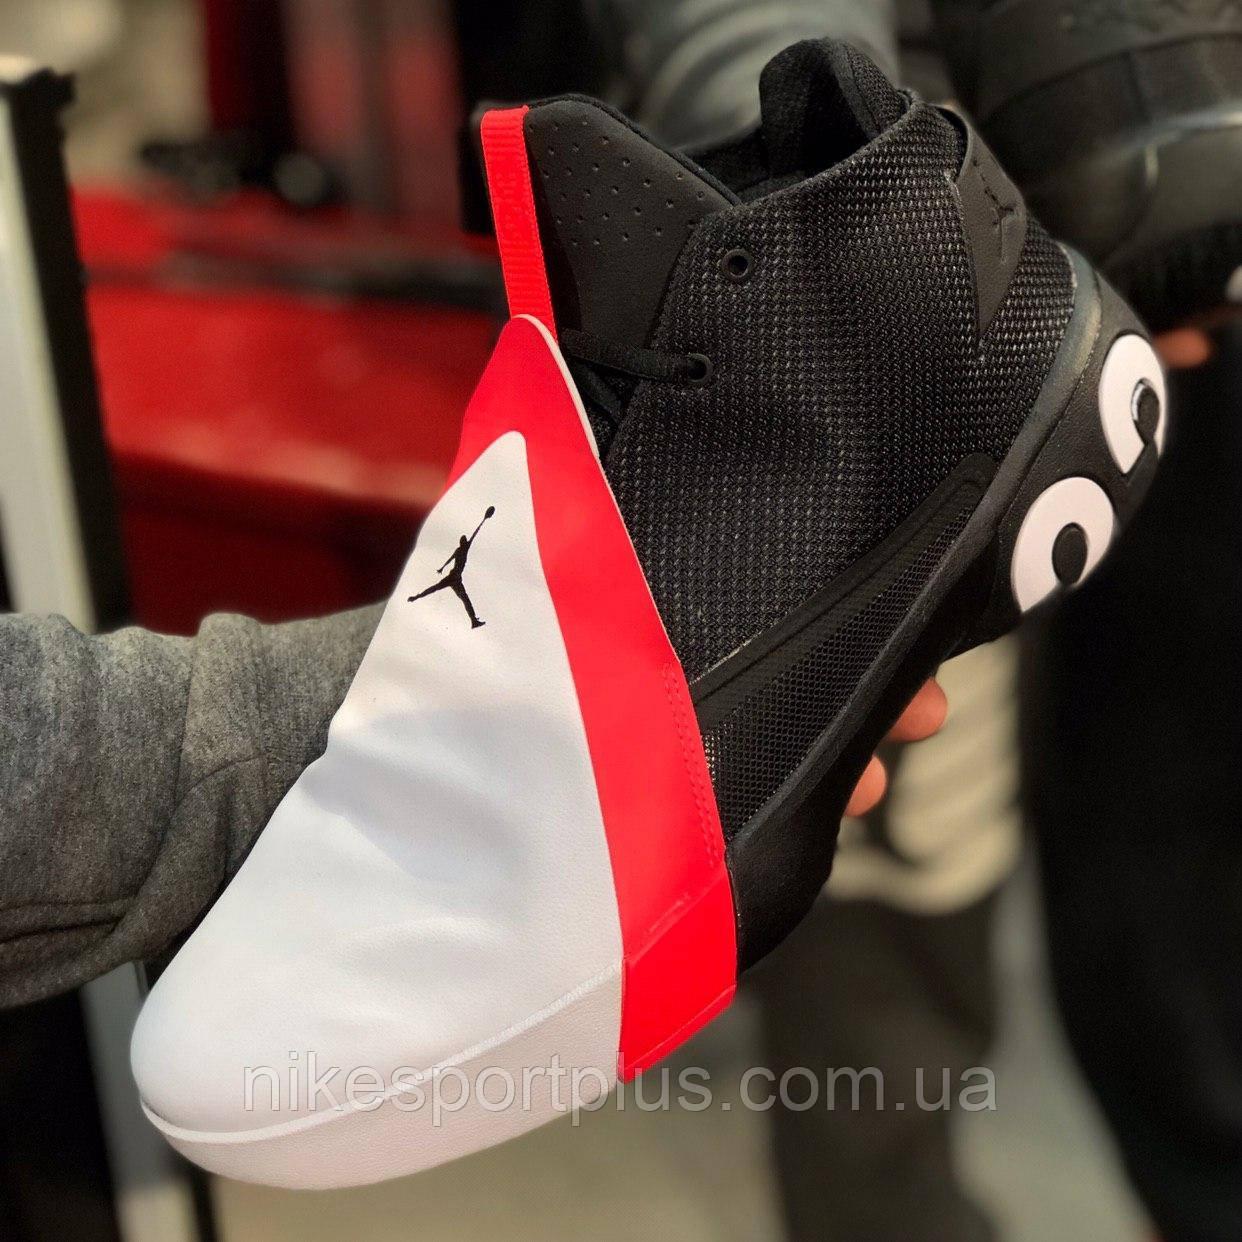 Купить Кроссовки Jordan Ultra Fly 3 AR0044-023 в Харькове 24c6e666f12